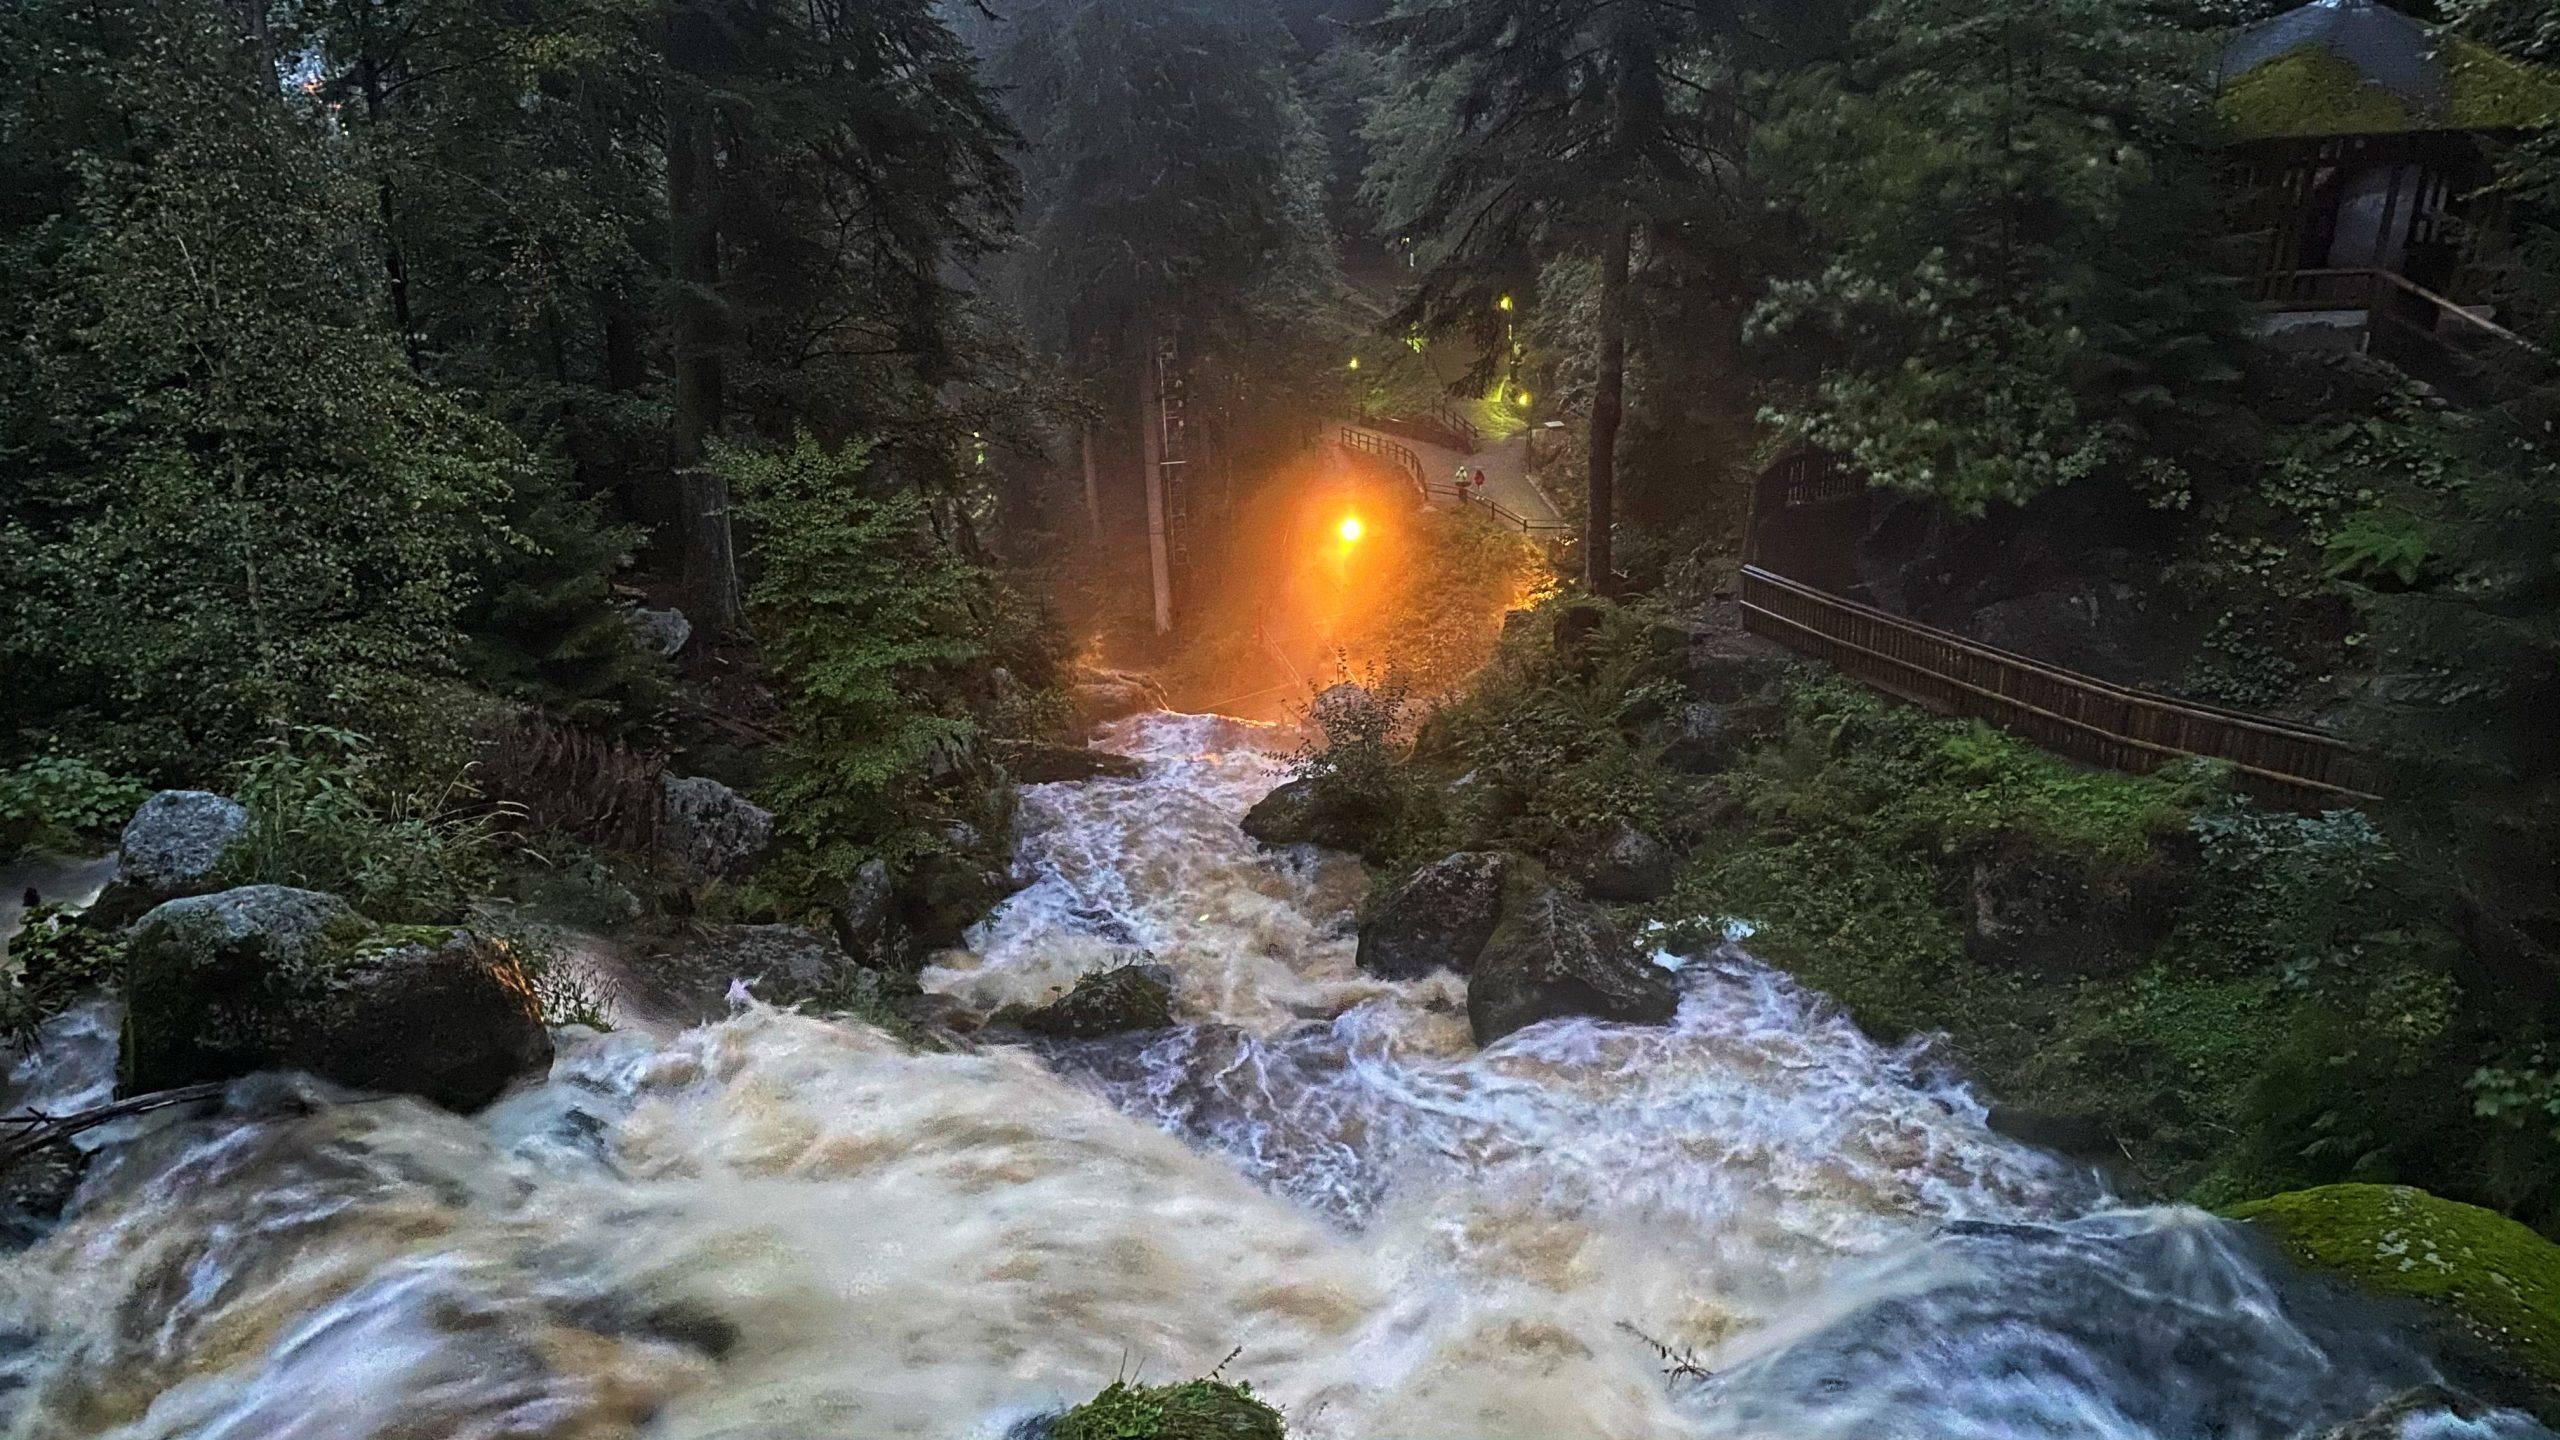 Triberger Wasserfälle Dämmerung